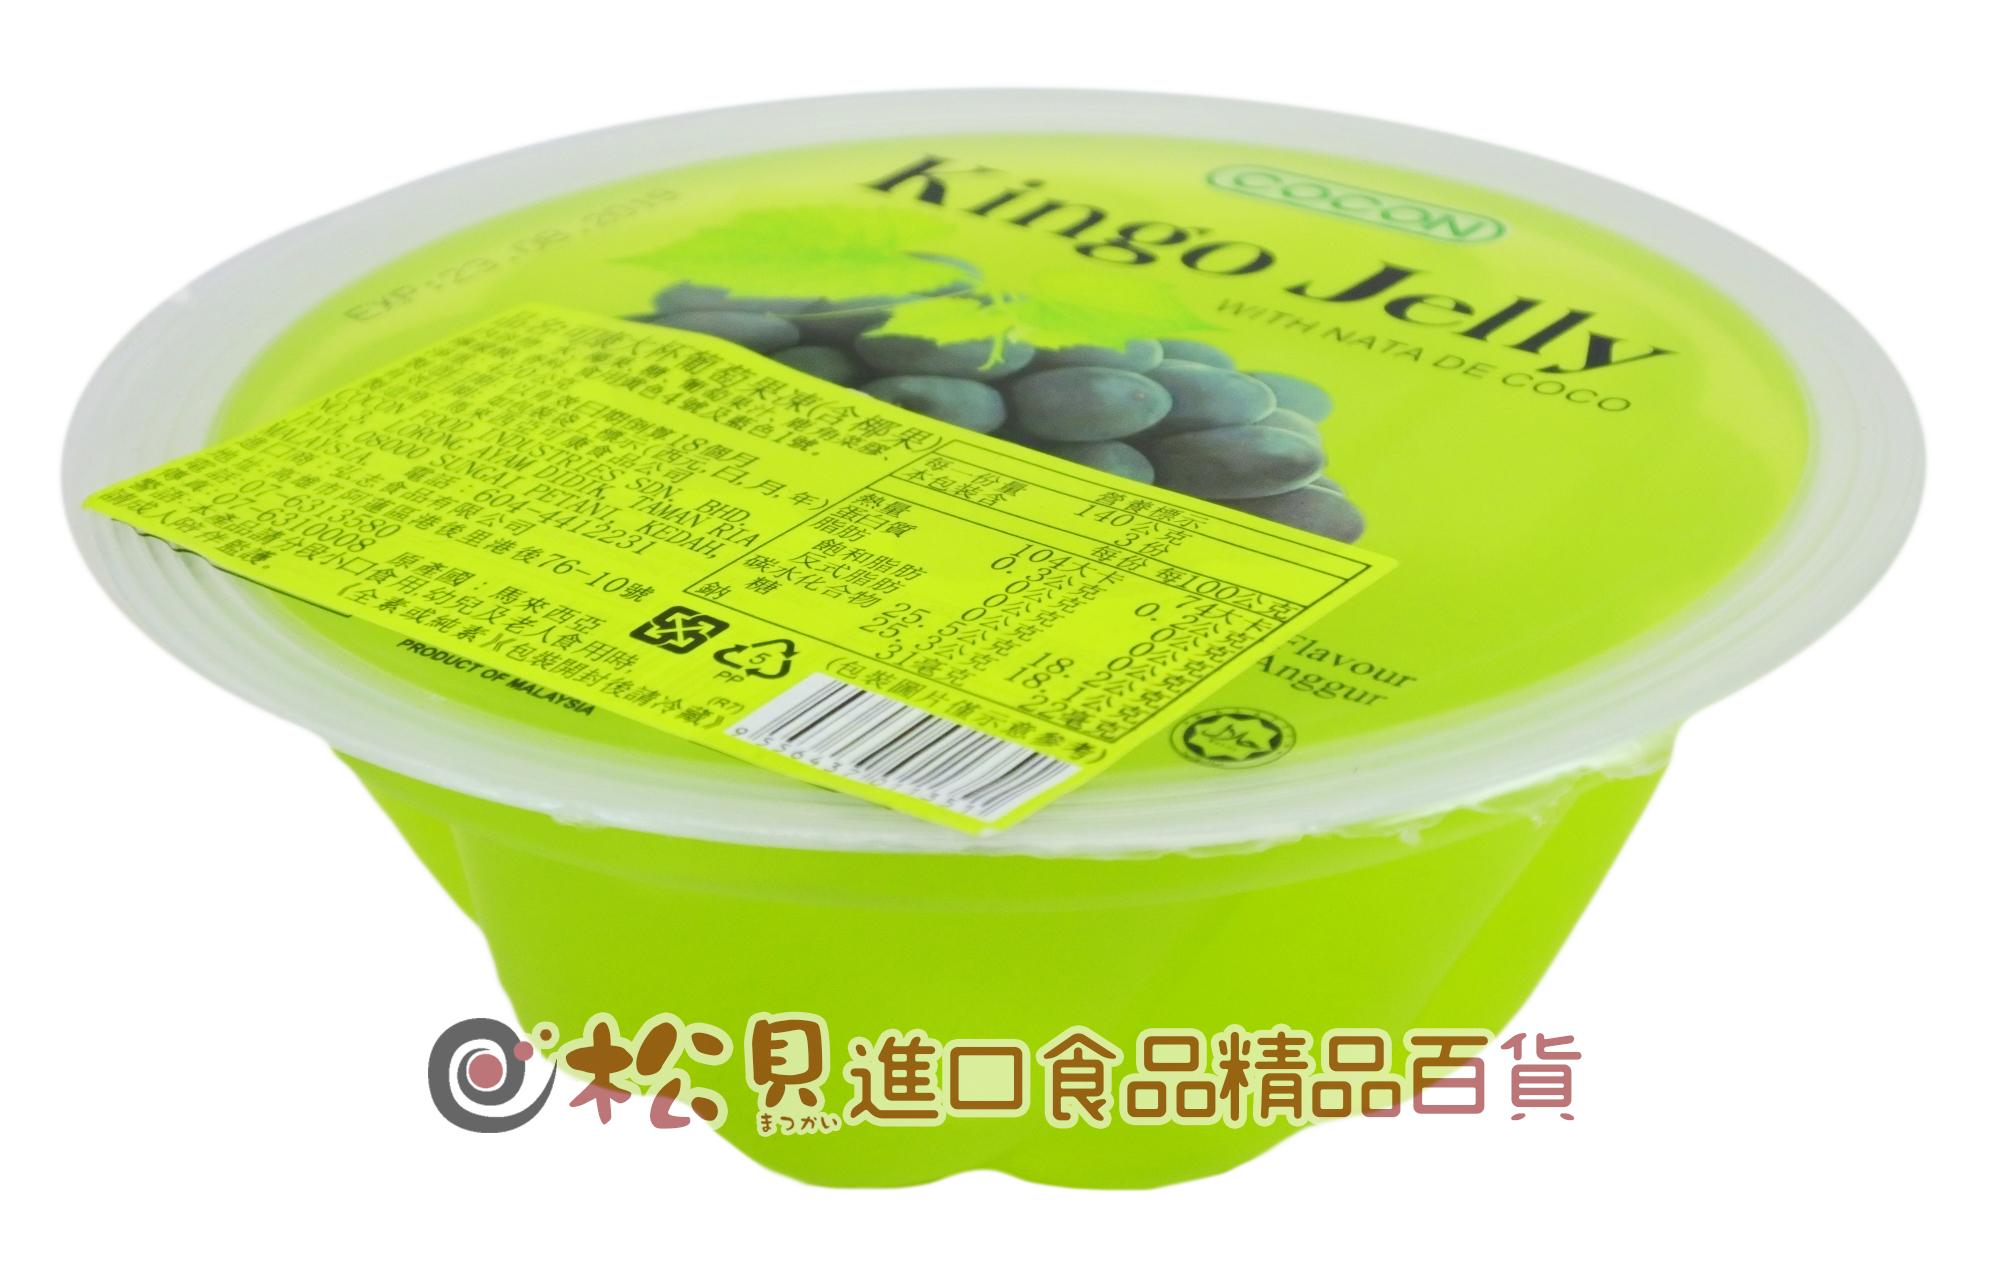 可康葡萄椰果果凍420g【9556437011351】.jpg